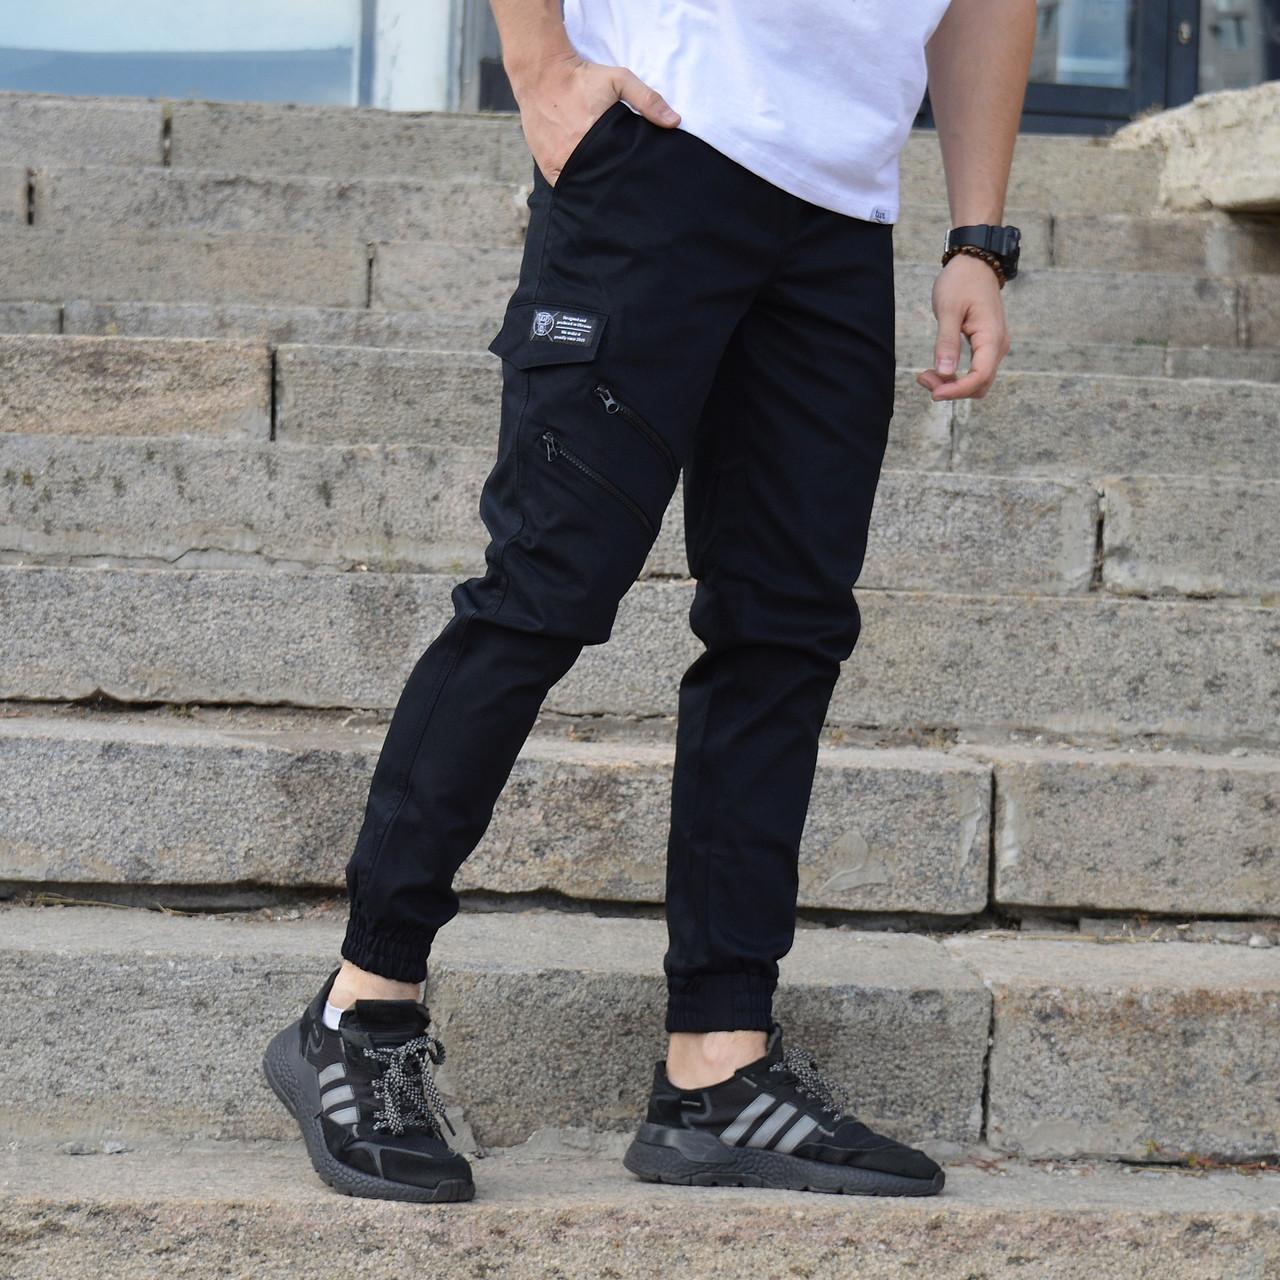 Штани карго чоловічі чорні від бренду ТУР модель Інк (Ink) розміри S,M,L,XL,XXL